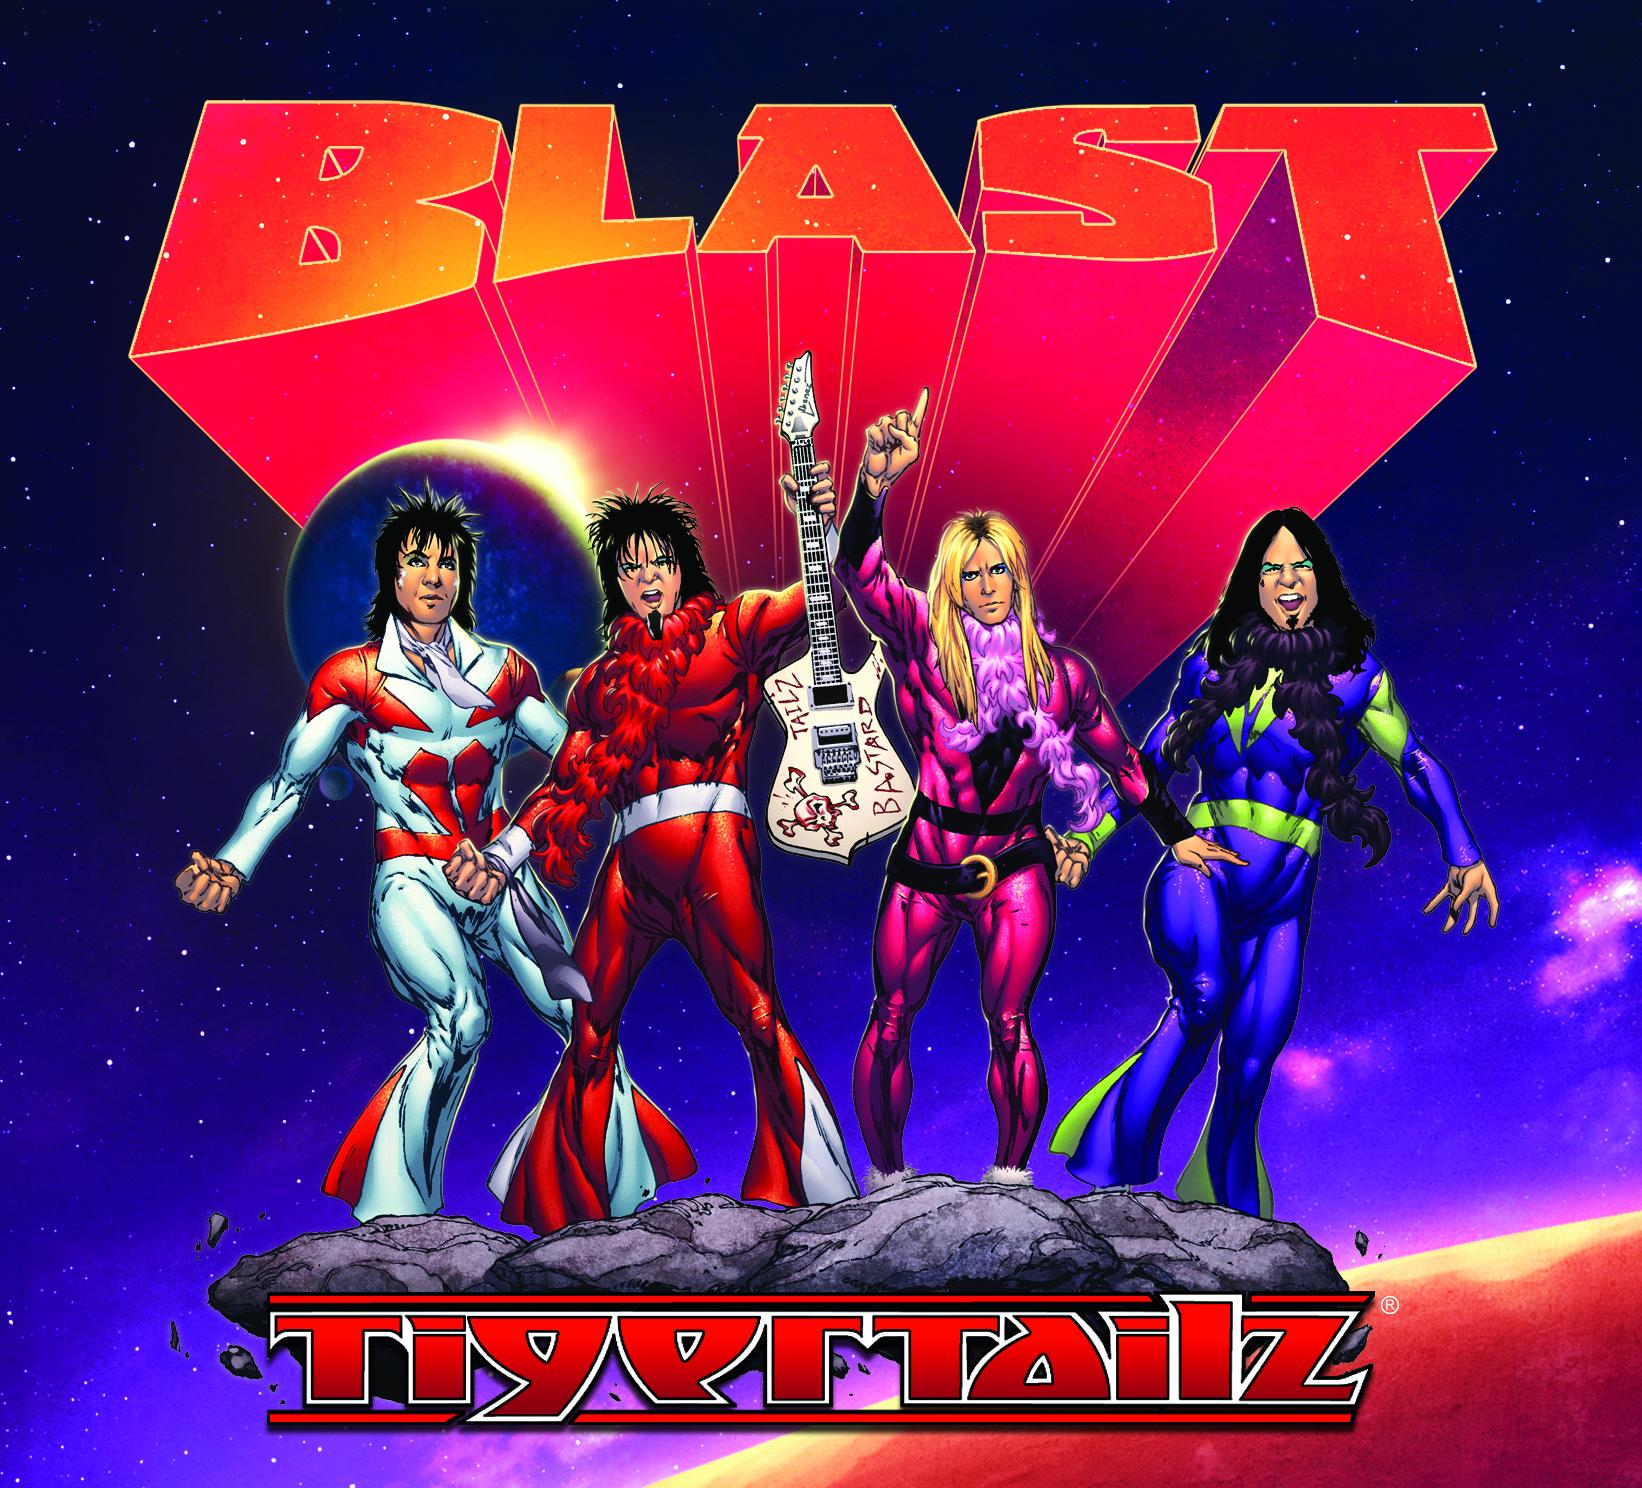 Tigertailz – Blast – CD Review